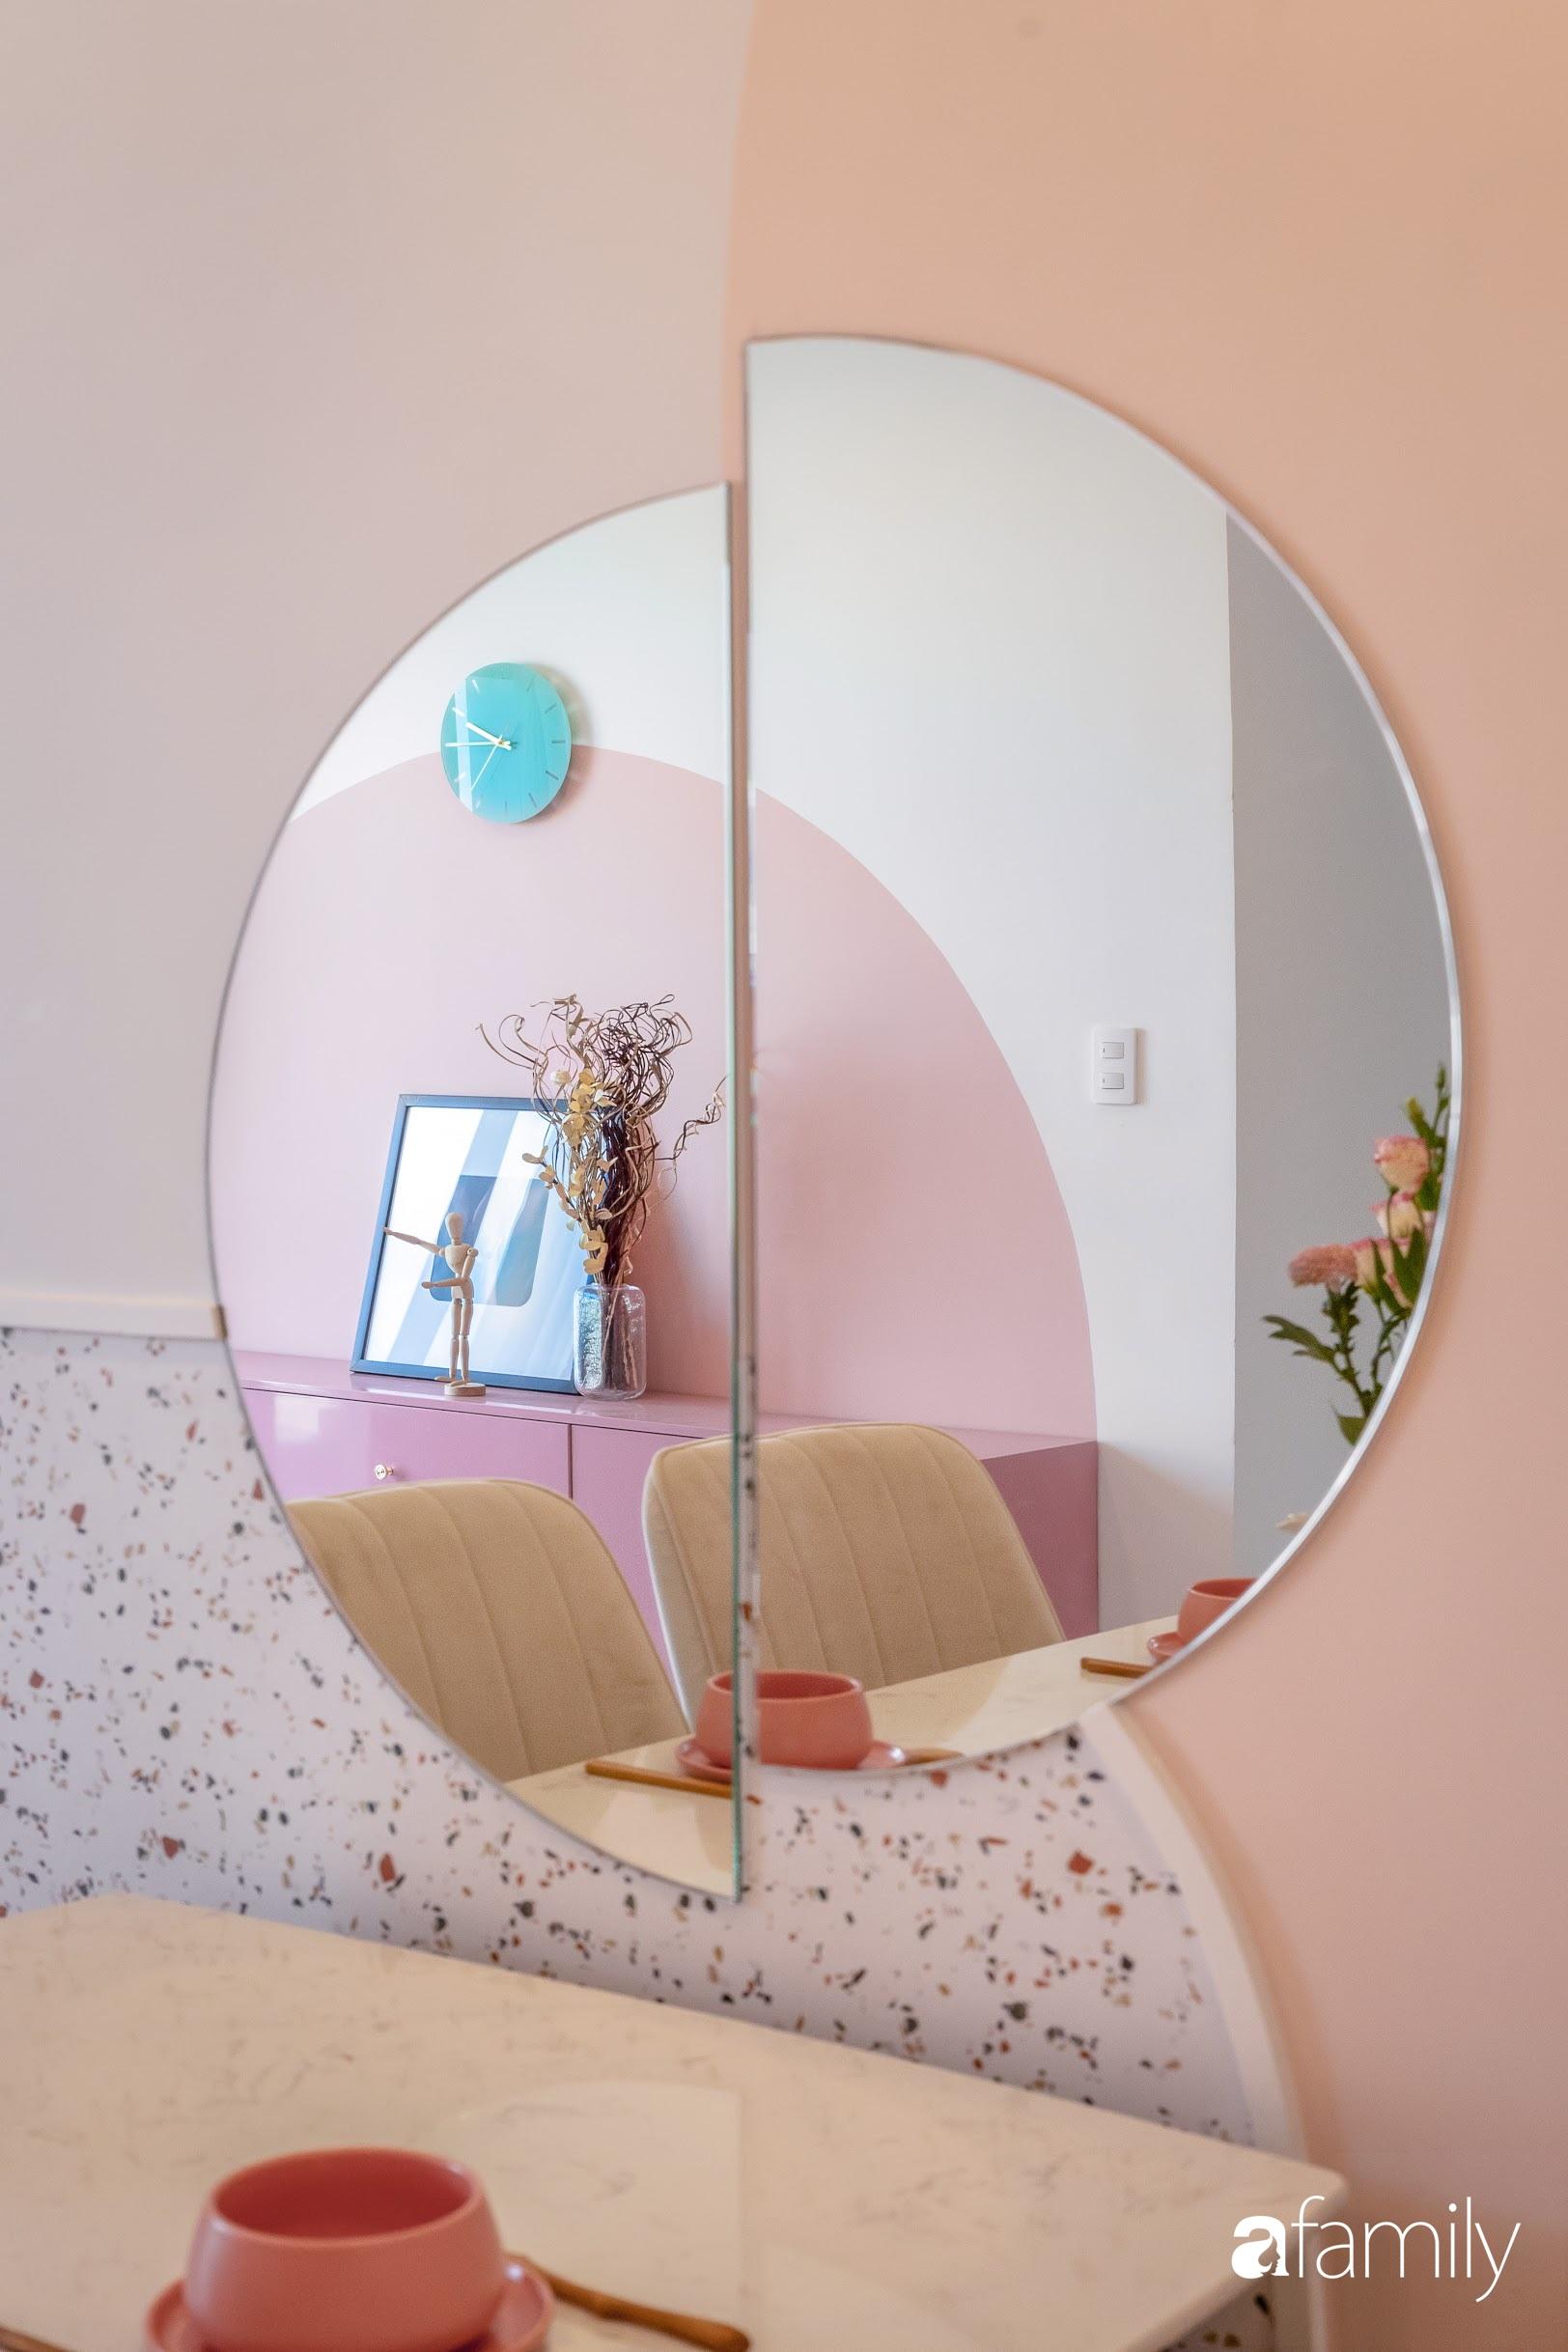 Căn hộ 100m² ngọt ngào khi chọn sắc hồng làm màu chủ đạo có chi phí hoàn thiện 450 triệu đồng ở TP HCM - Ảnh 9.